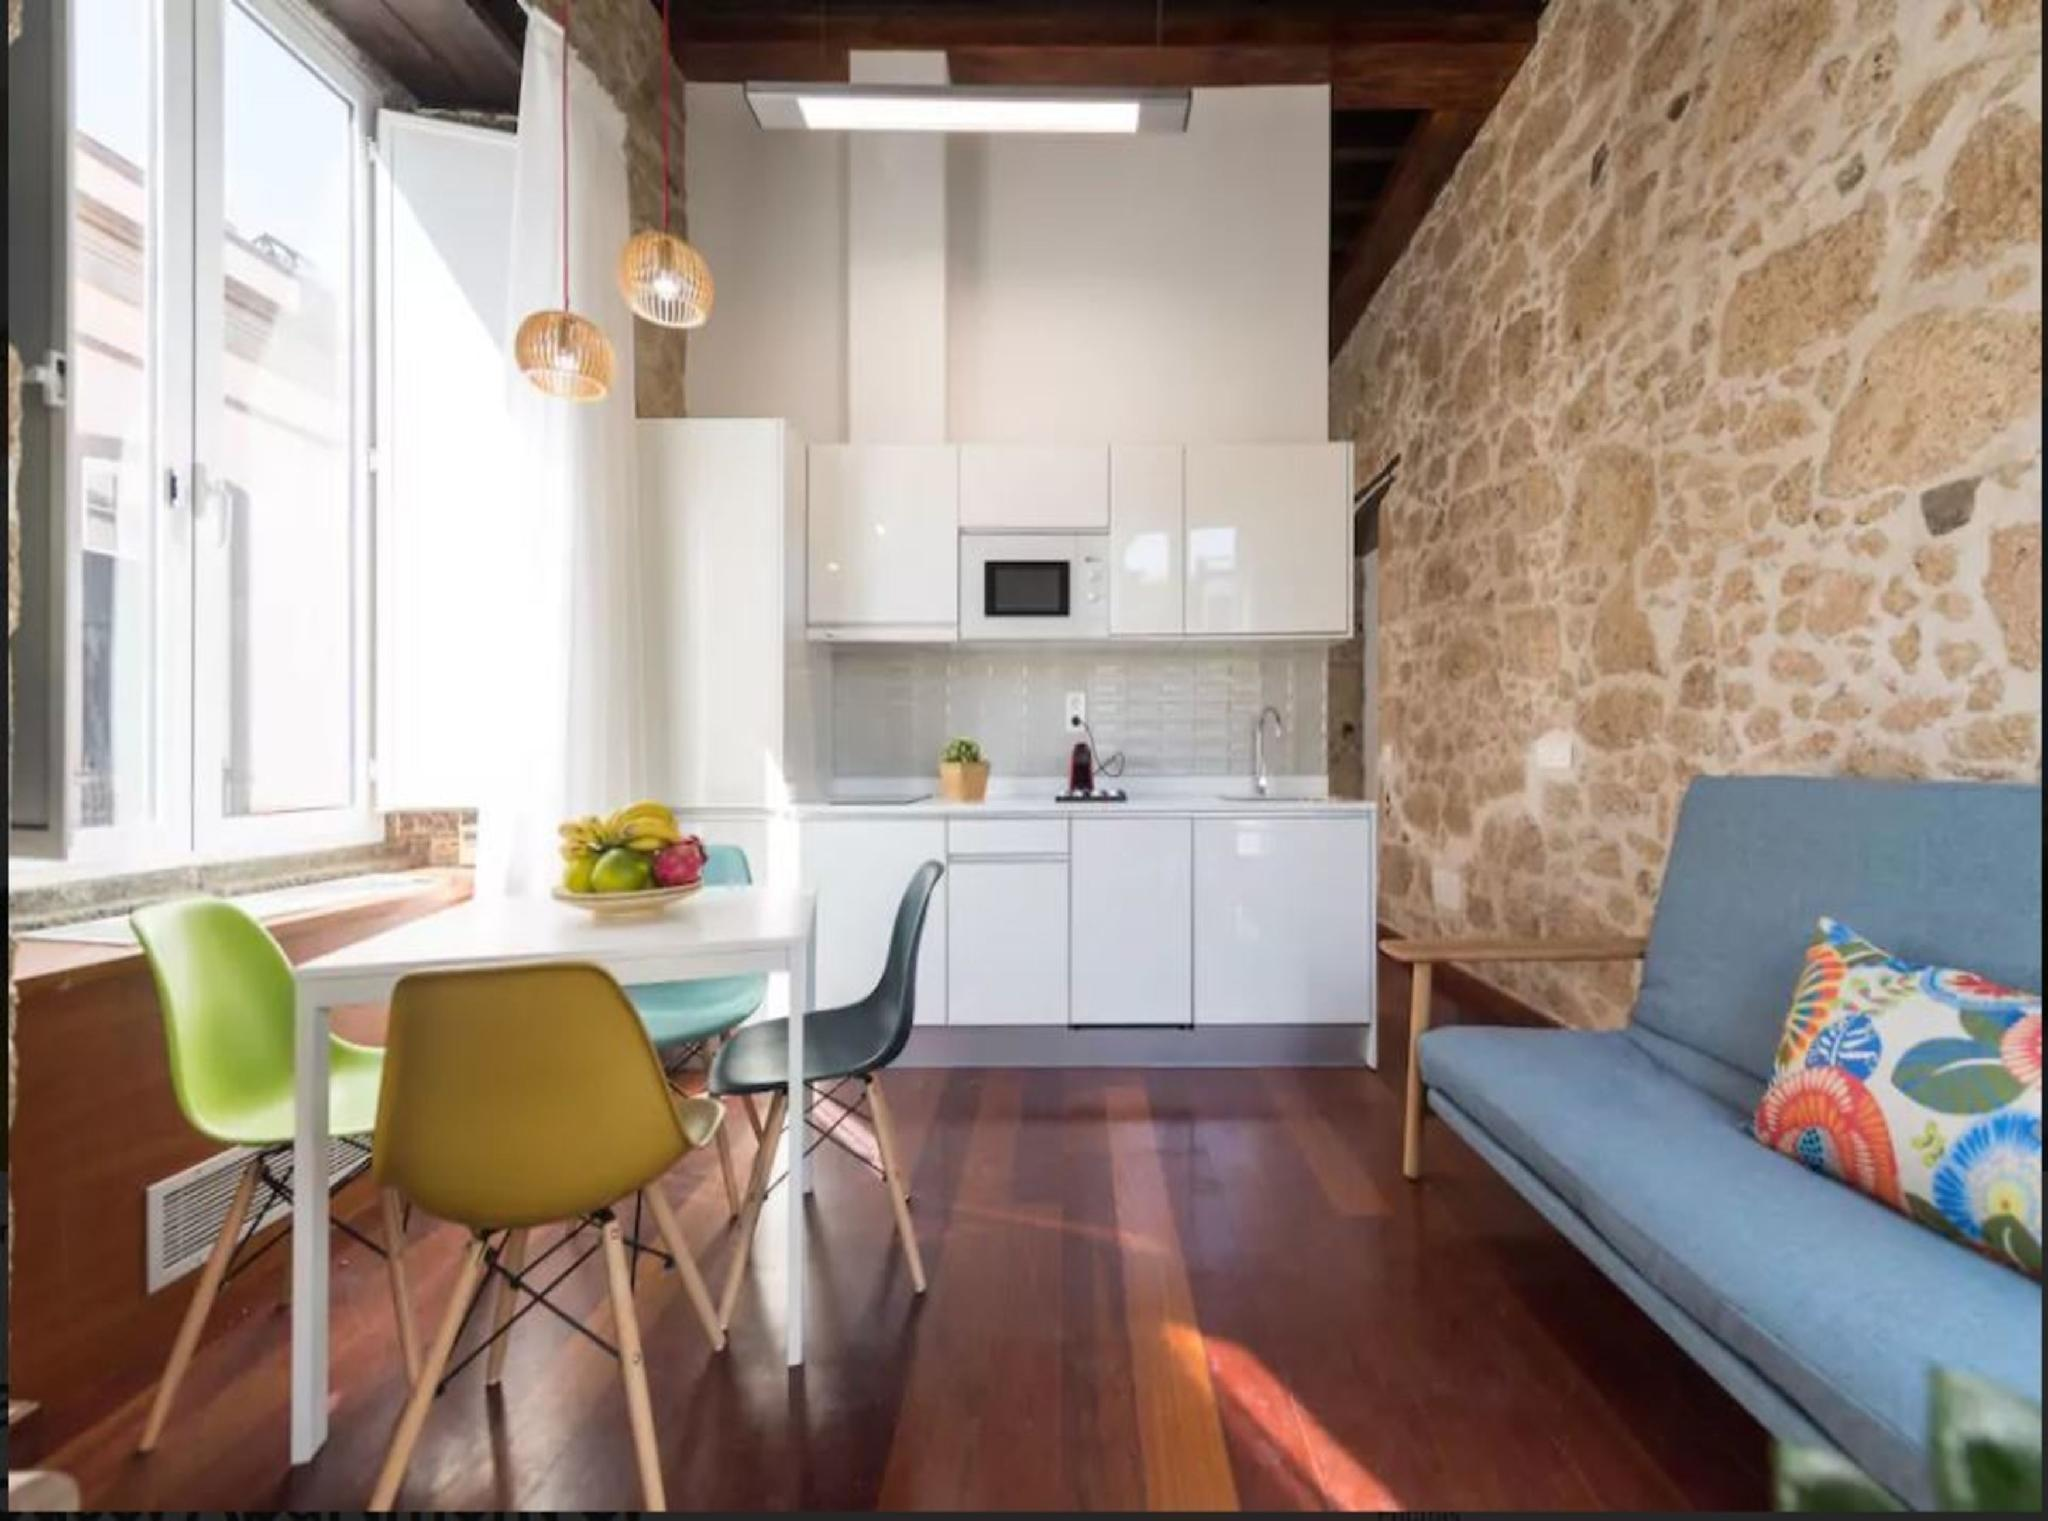 105919   Studio In Las Palmas De Gran Canaria